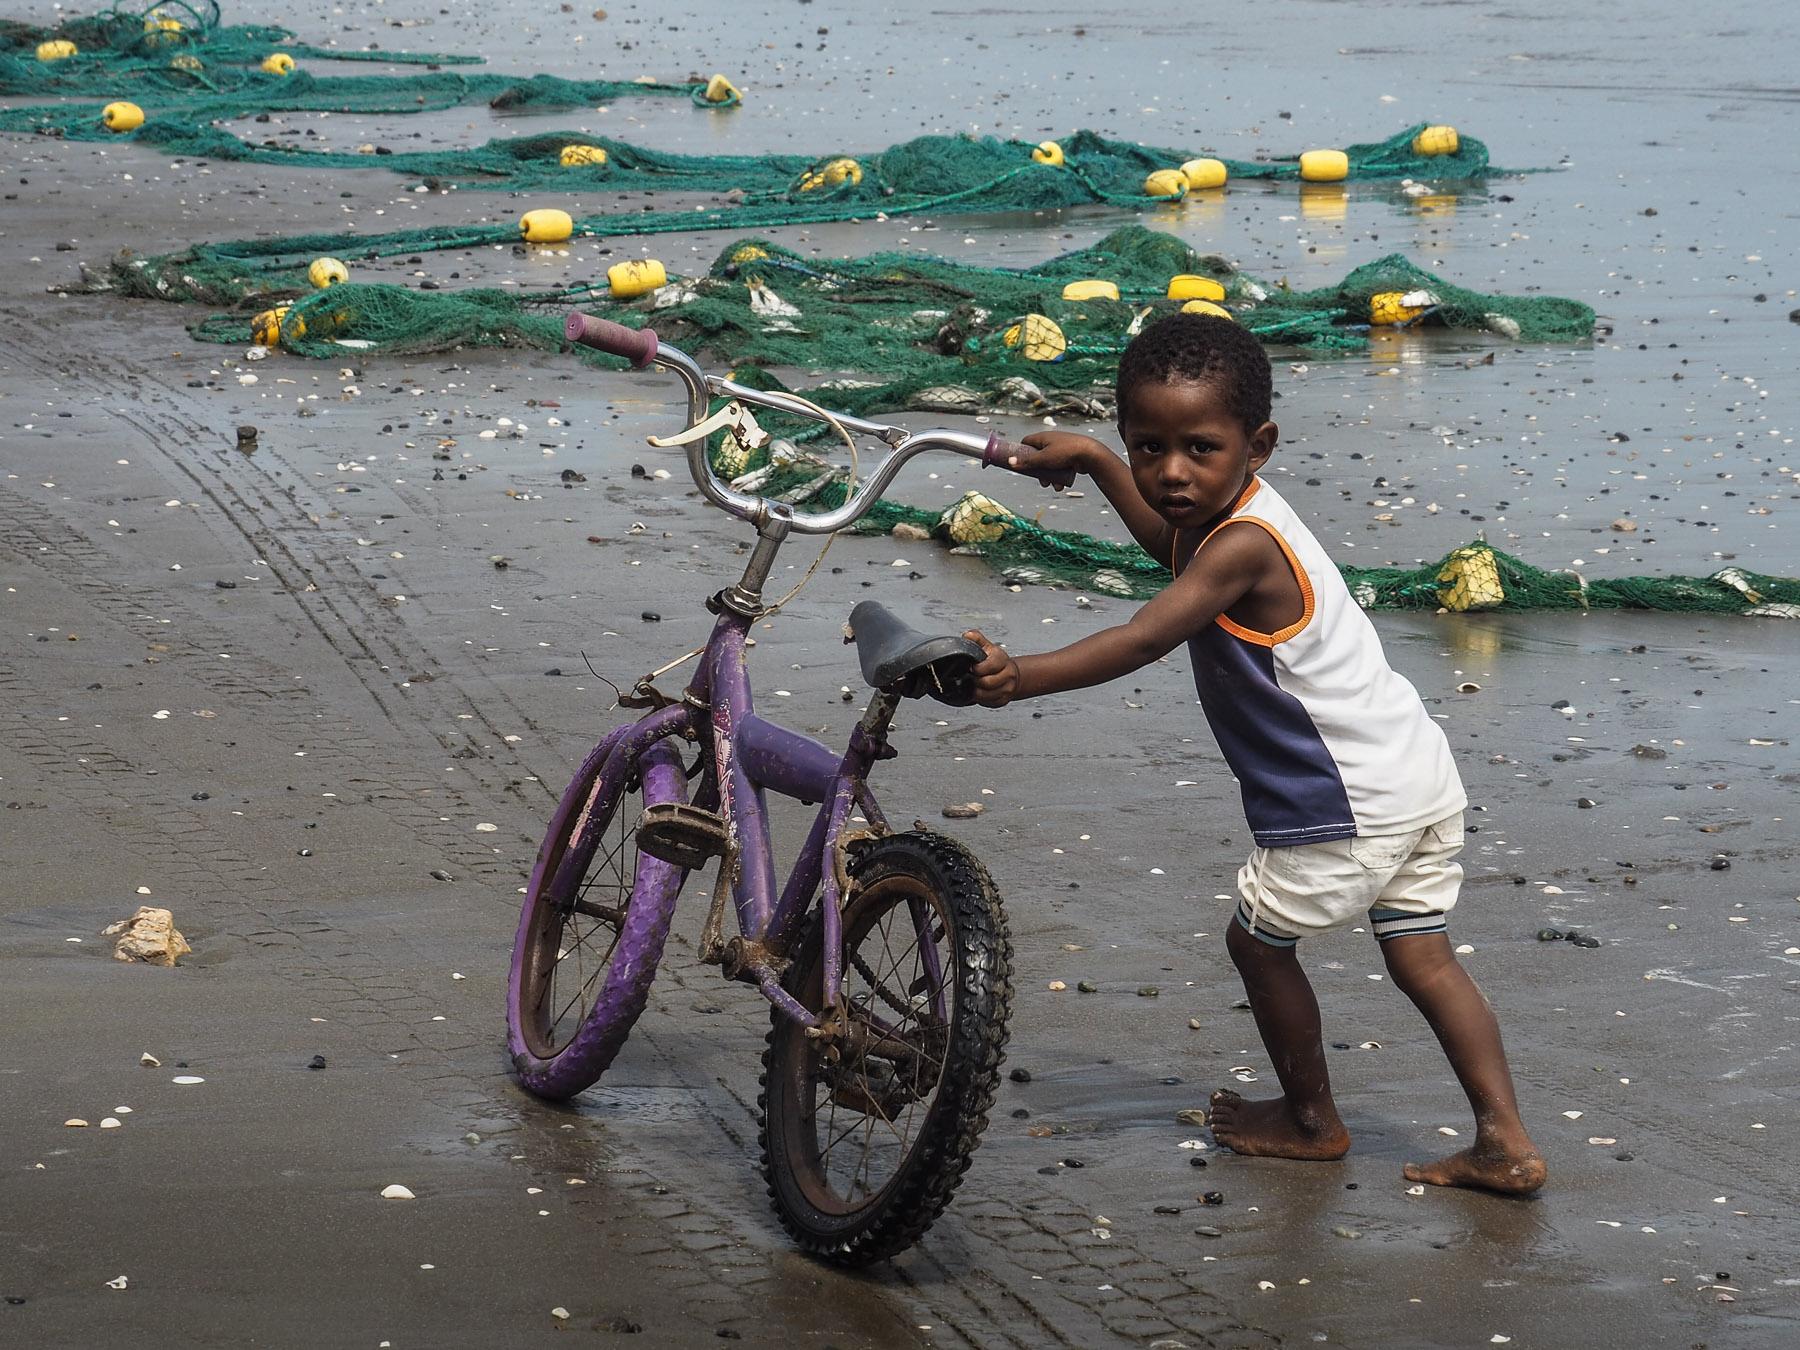 Der Kleine hat Spaß mit dem Fahrrad seines großen Bruders